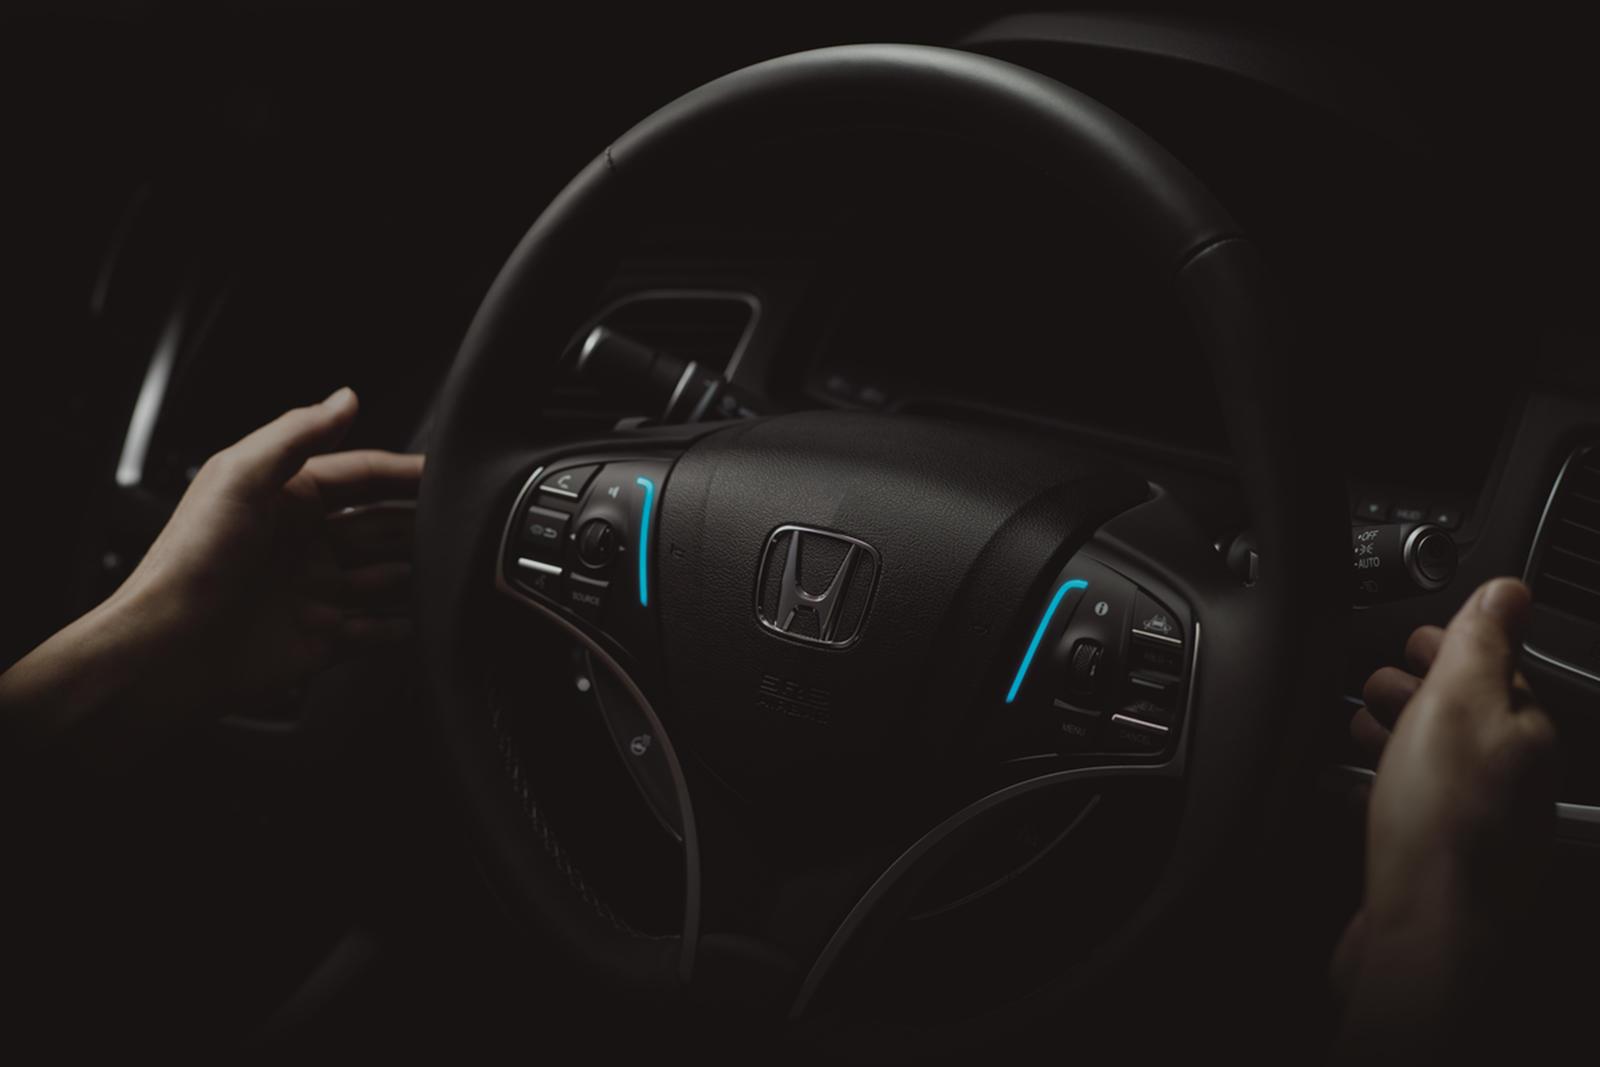 Cadillac Super Cruise Assist позволяет водителю убрать руки с руля и является одной из самых продвинутых полуавтономных систем на рынке, но она классифицируется как система уровня 2.